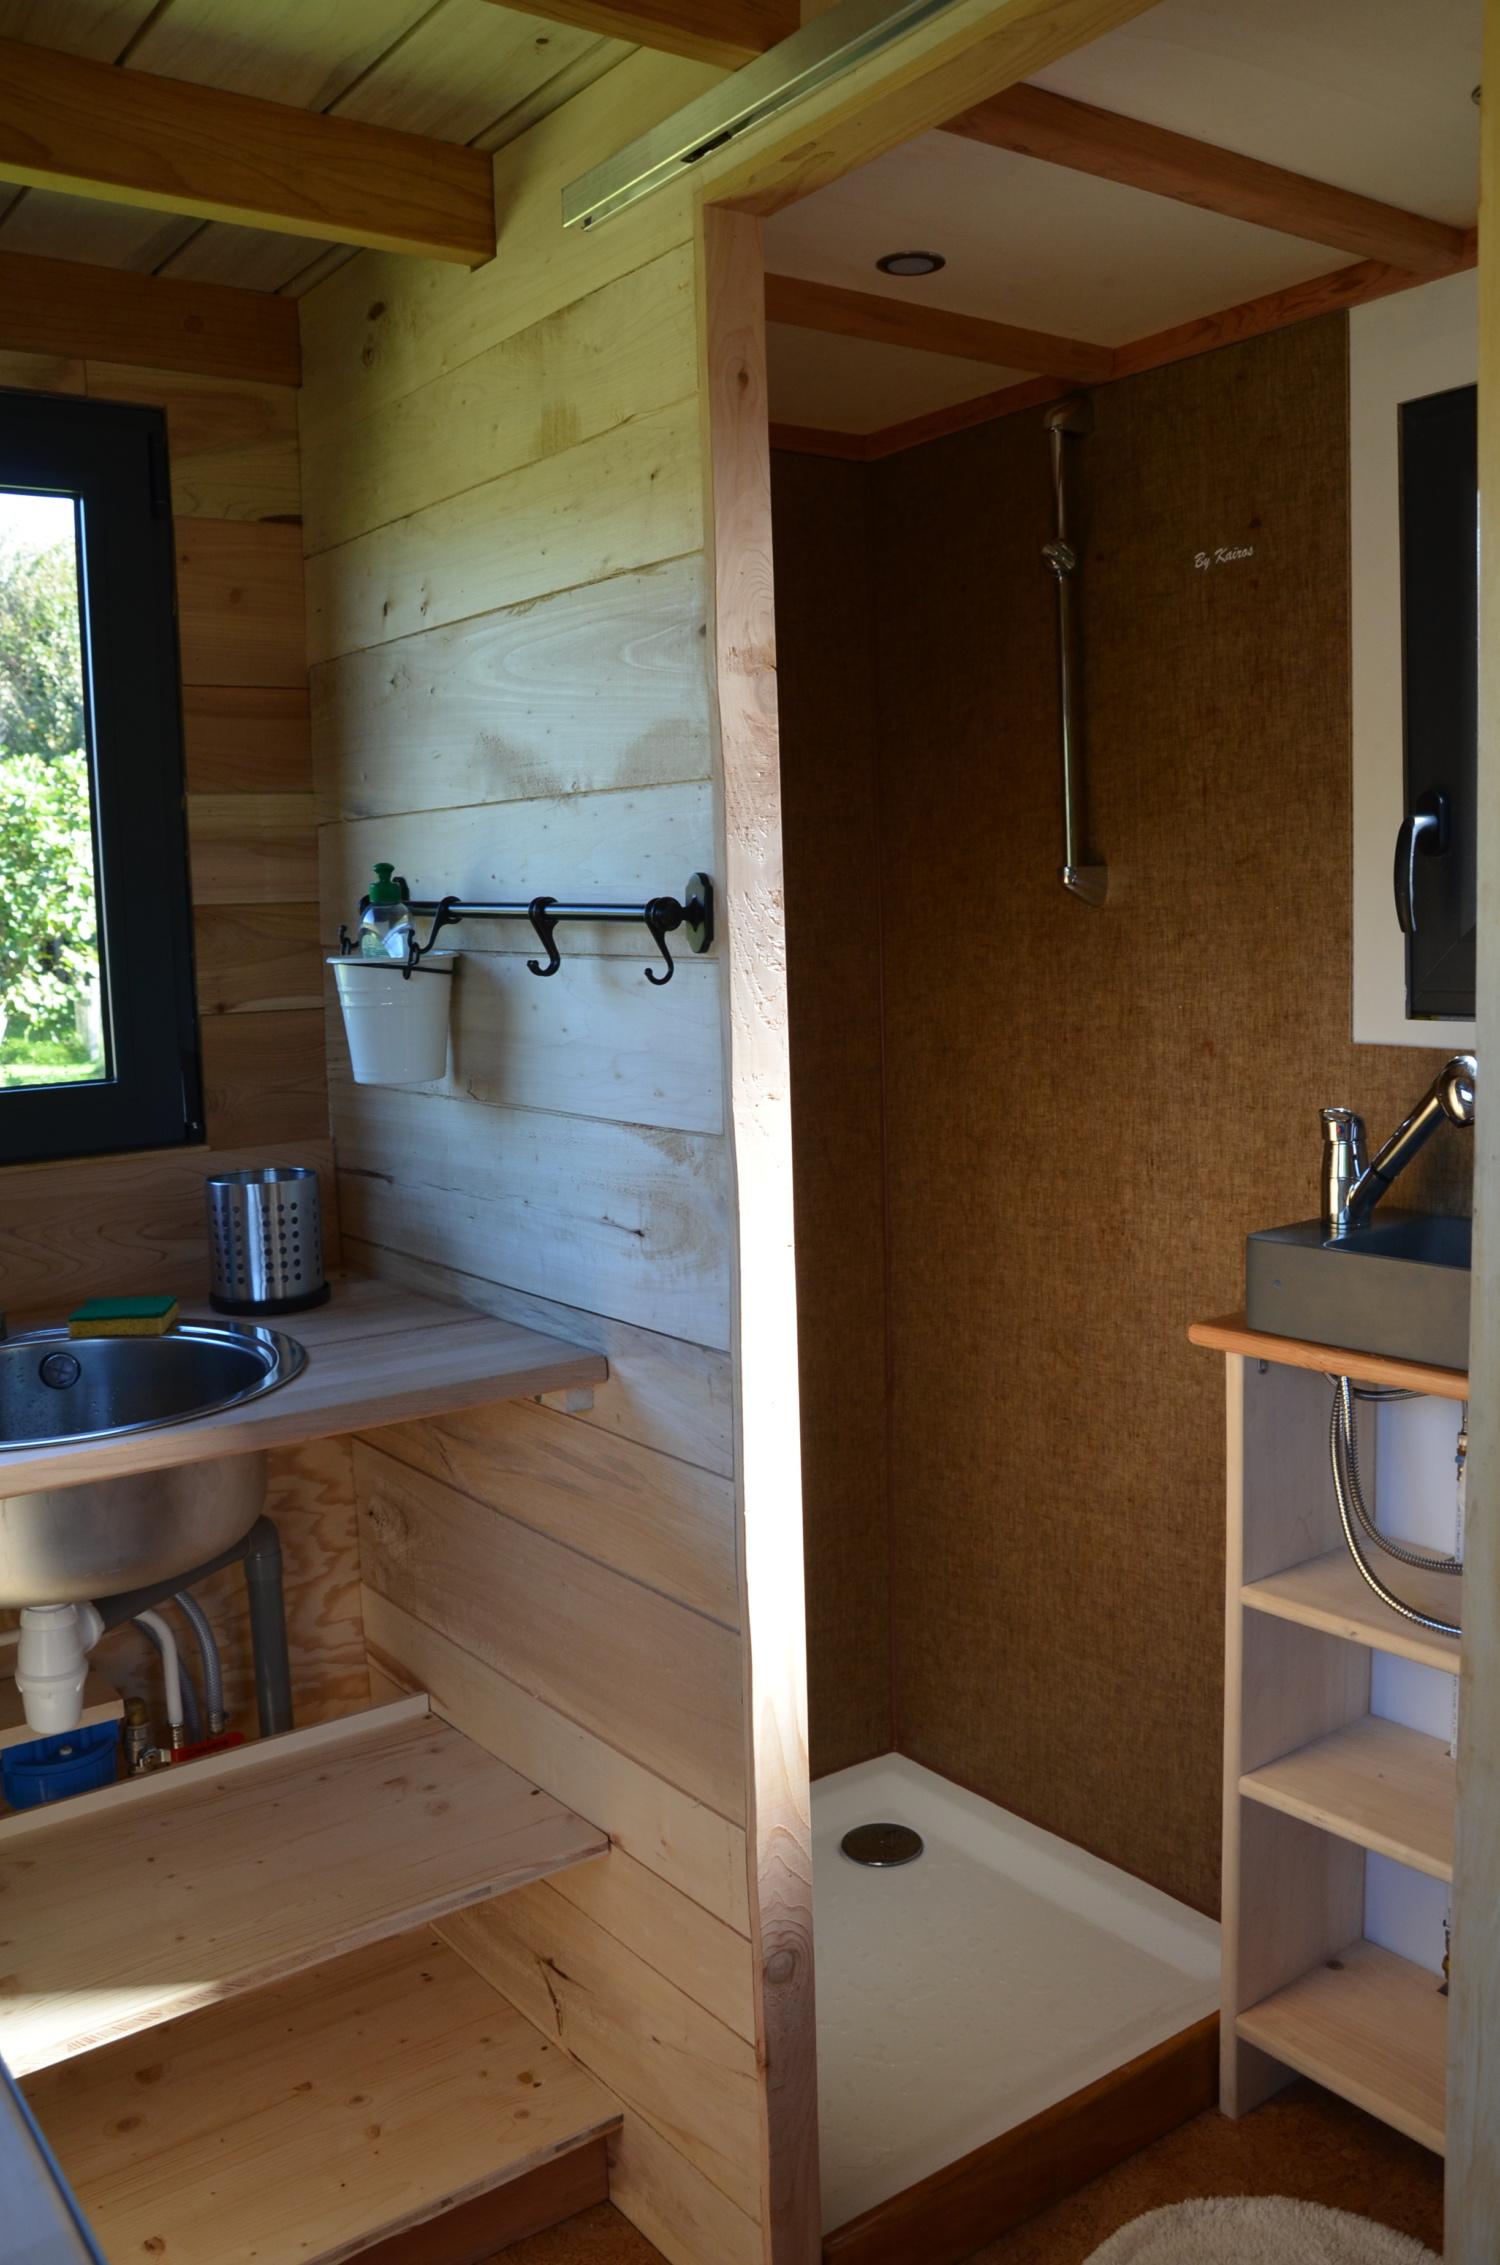 Tiny house autonome en eau sanitaire grâce à sa réserve d'eau intégrée.